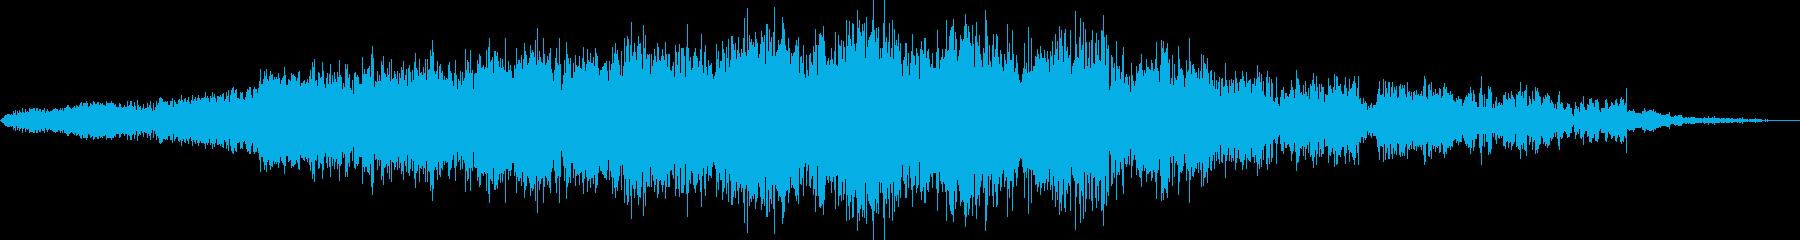 ピッチモジュレーションを備えた強烈...の再生済みの波形